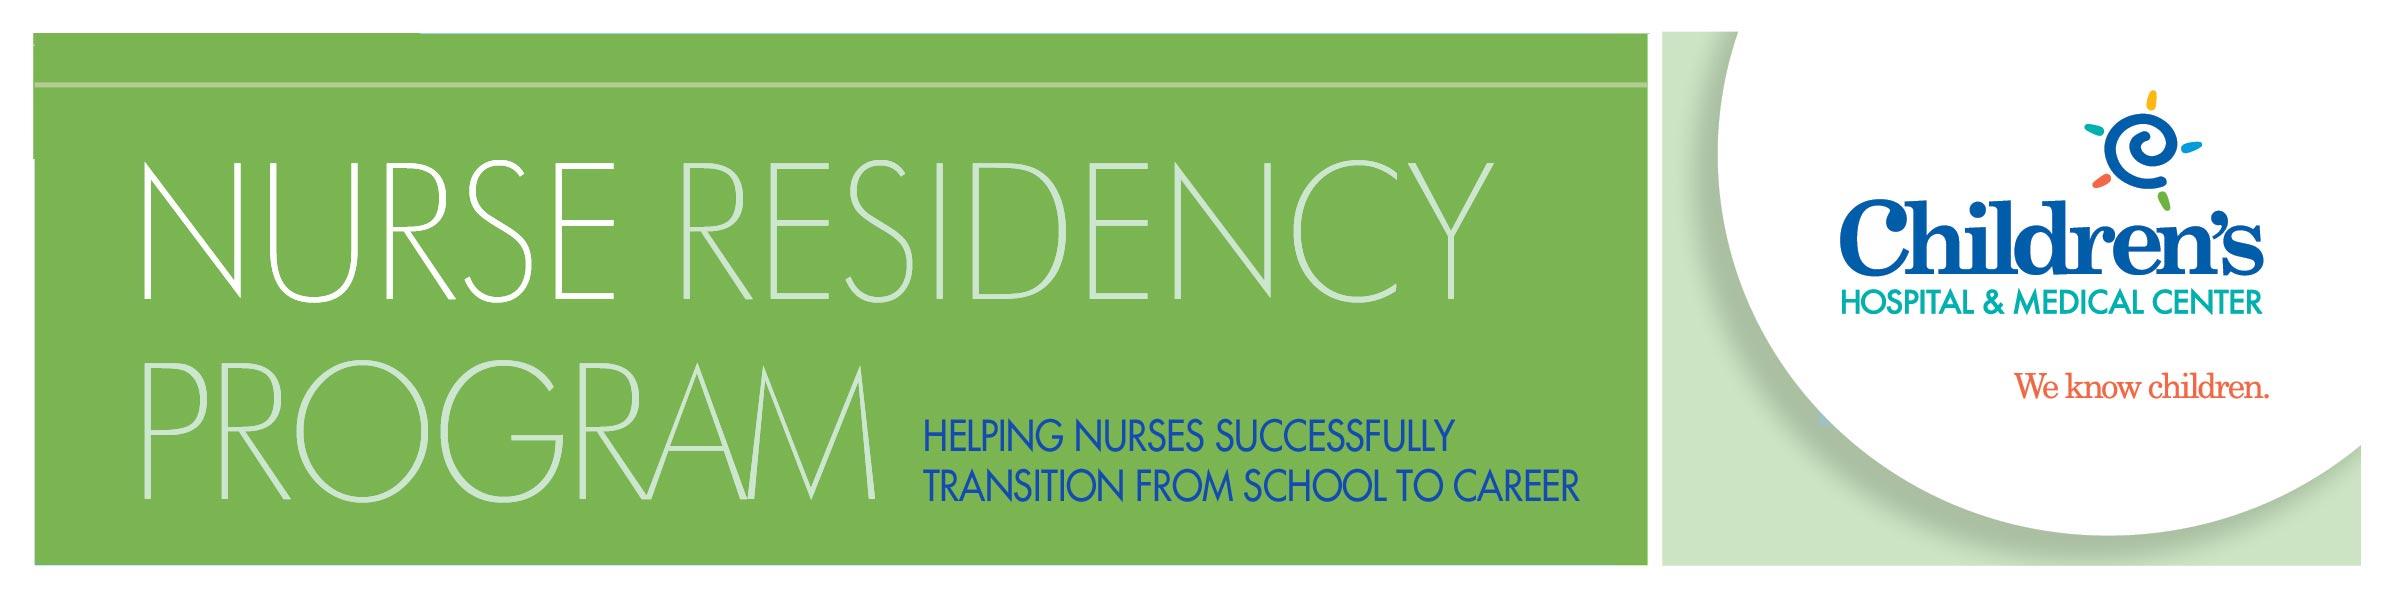 Nurse Residency Programs At Children's Hospital & Medical Center